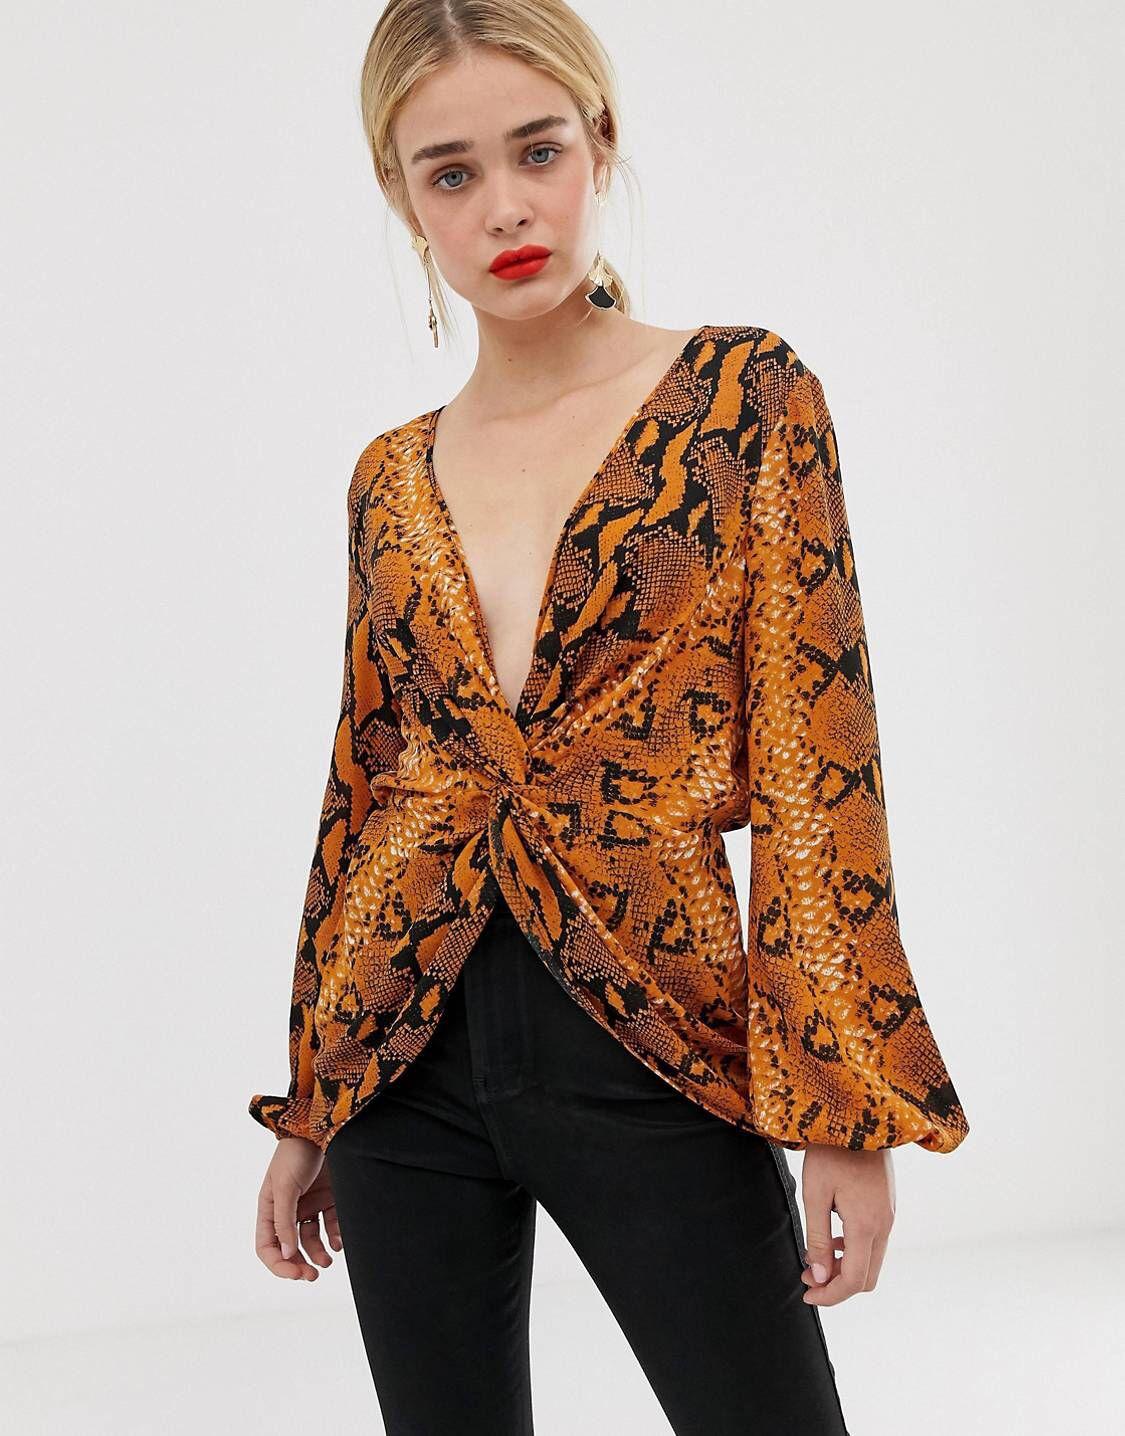 33ade655af7805 DESIGN twist front long sleeve top in snake animal print